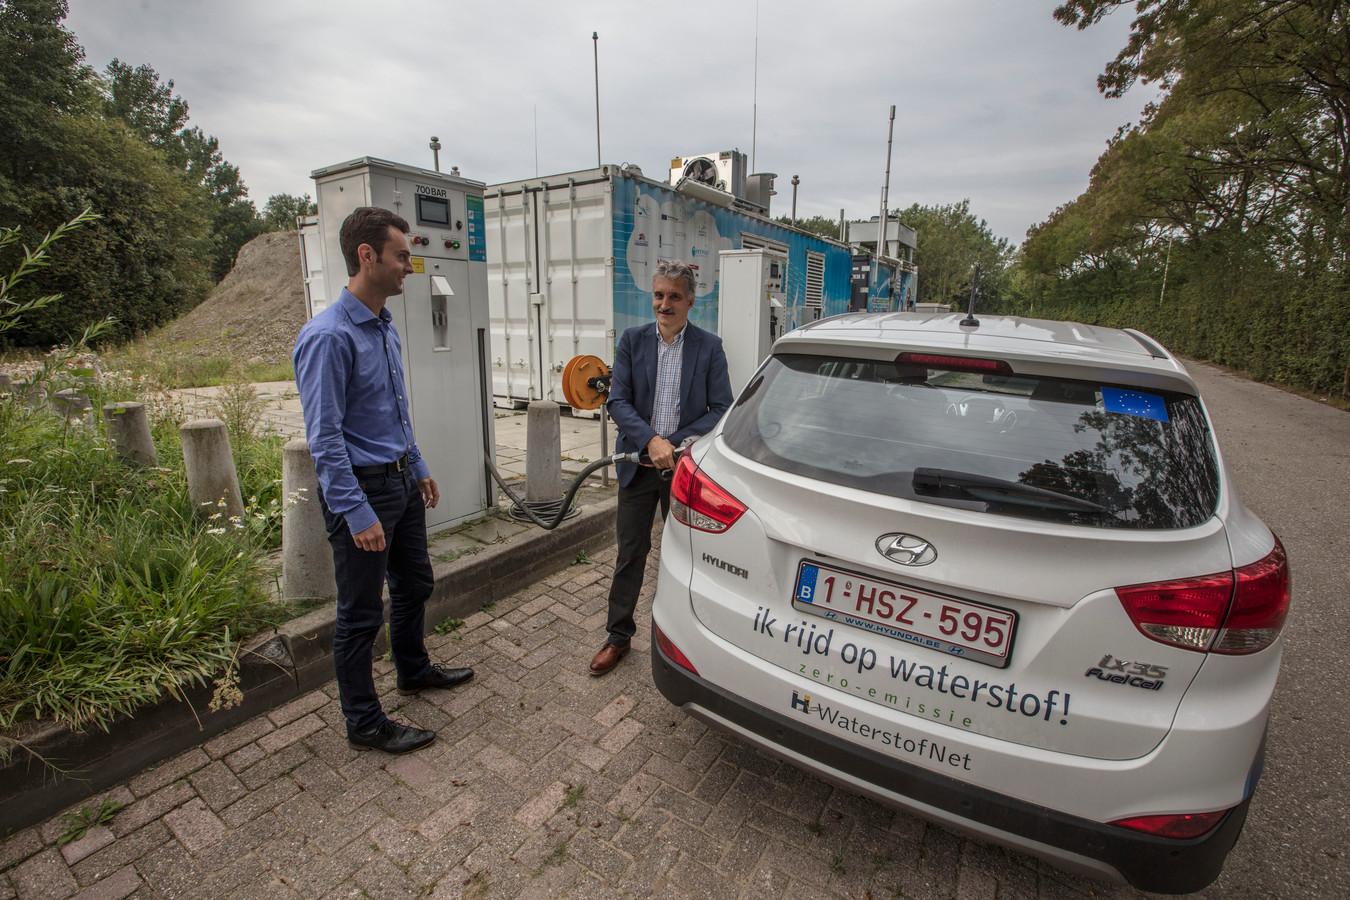 Adwin Martens tankt zijn auto vol met waterstof. Stefan Neis kijkt toe.